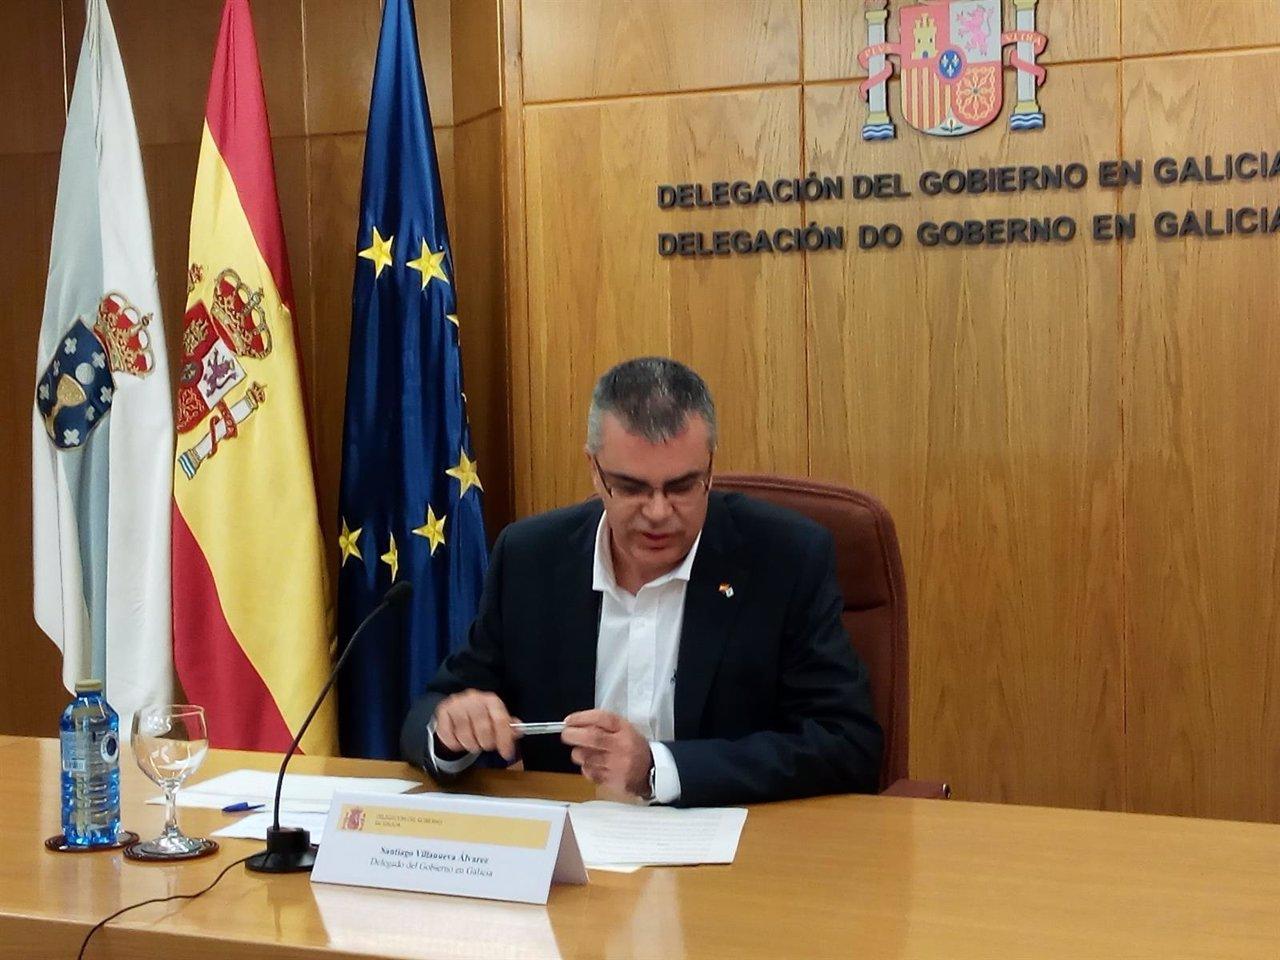 El delegado del Gobierno en Galicia, Santiago Villanueva, en rueda de prensa